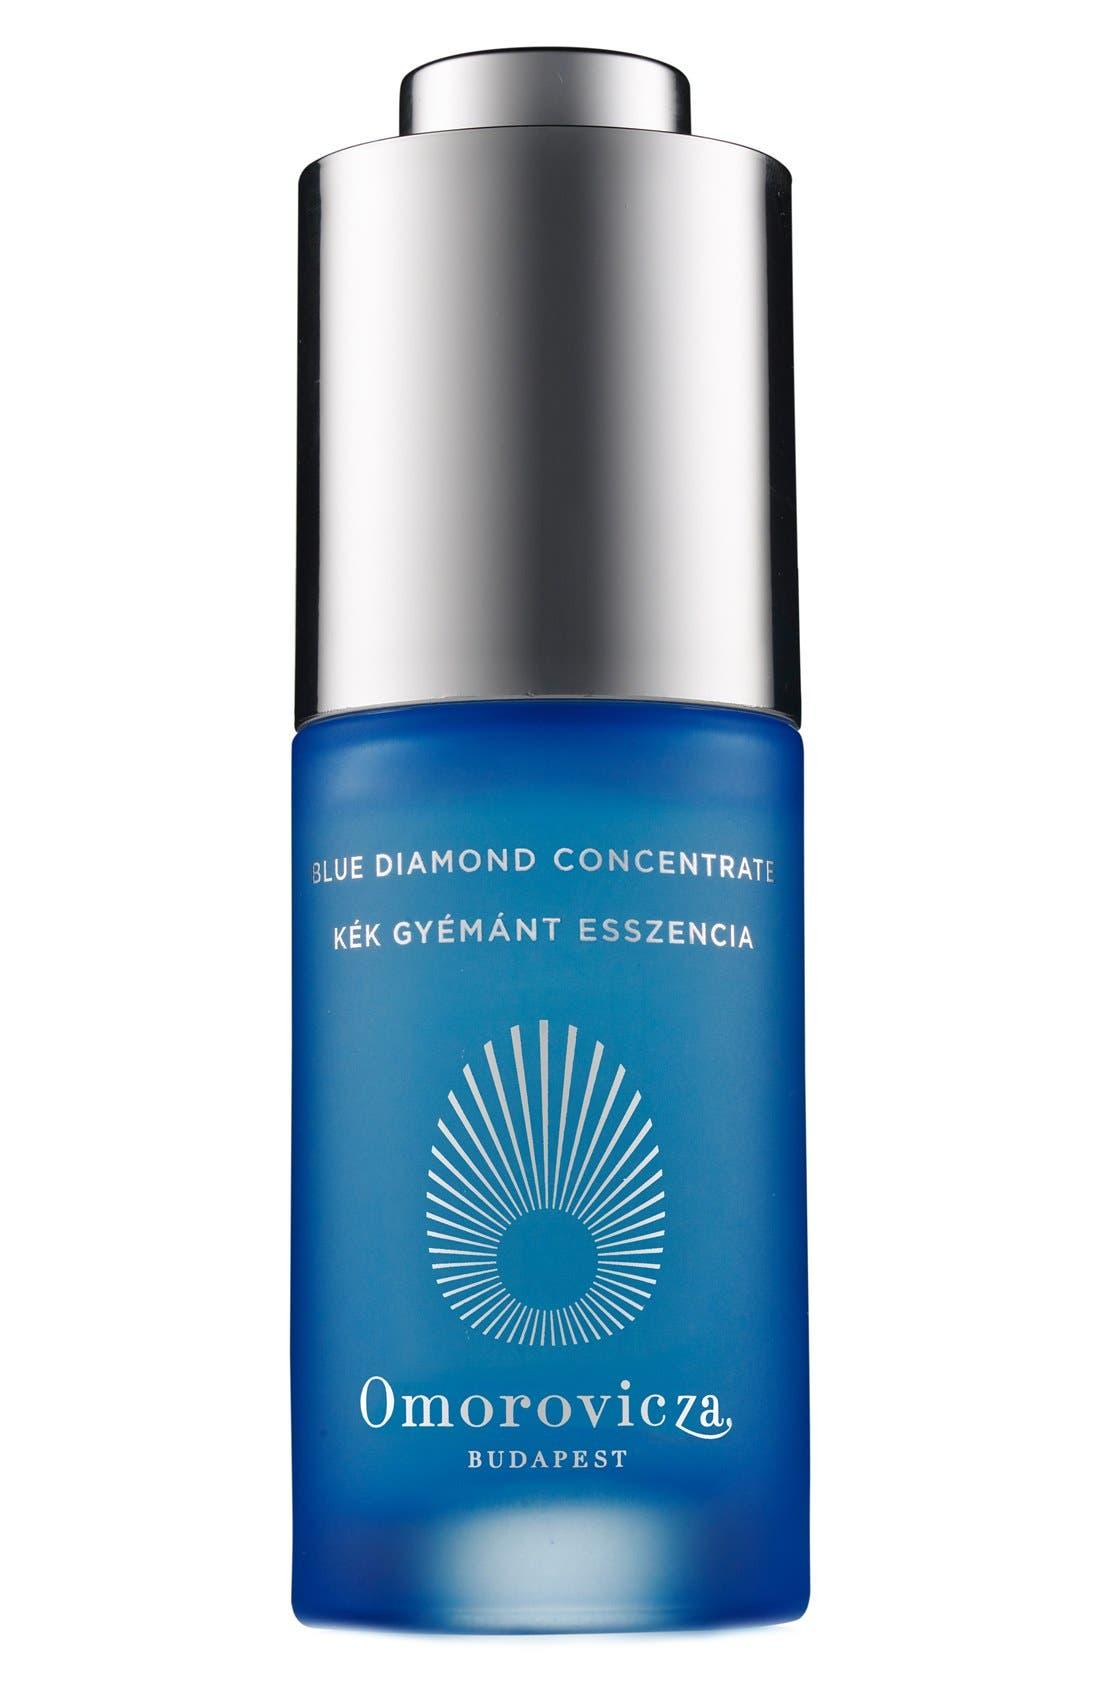 OMOROVICZA Blue Diamond Concentrate, Main, color, NO COLOR